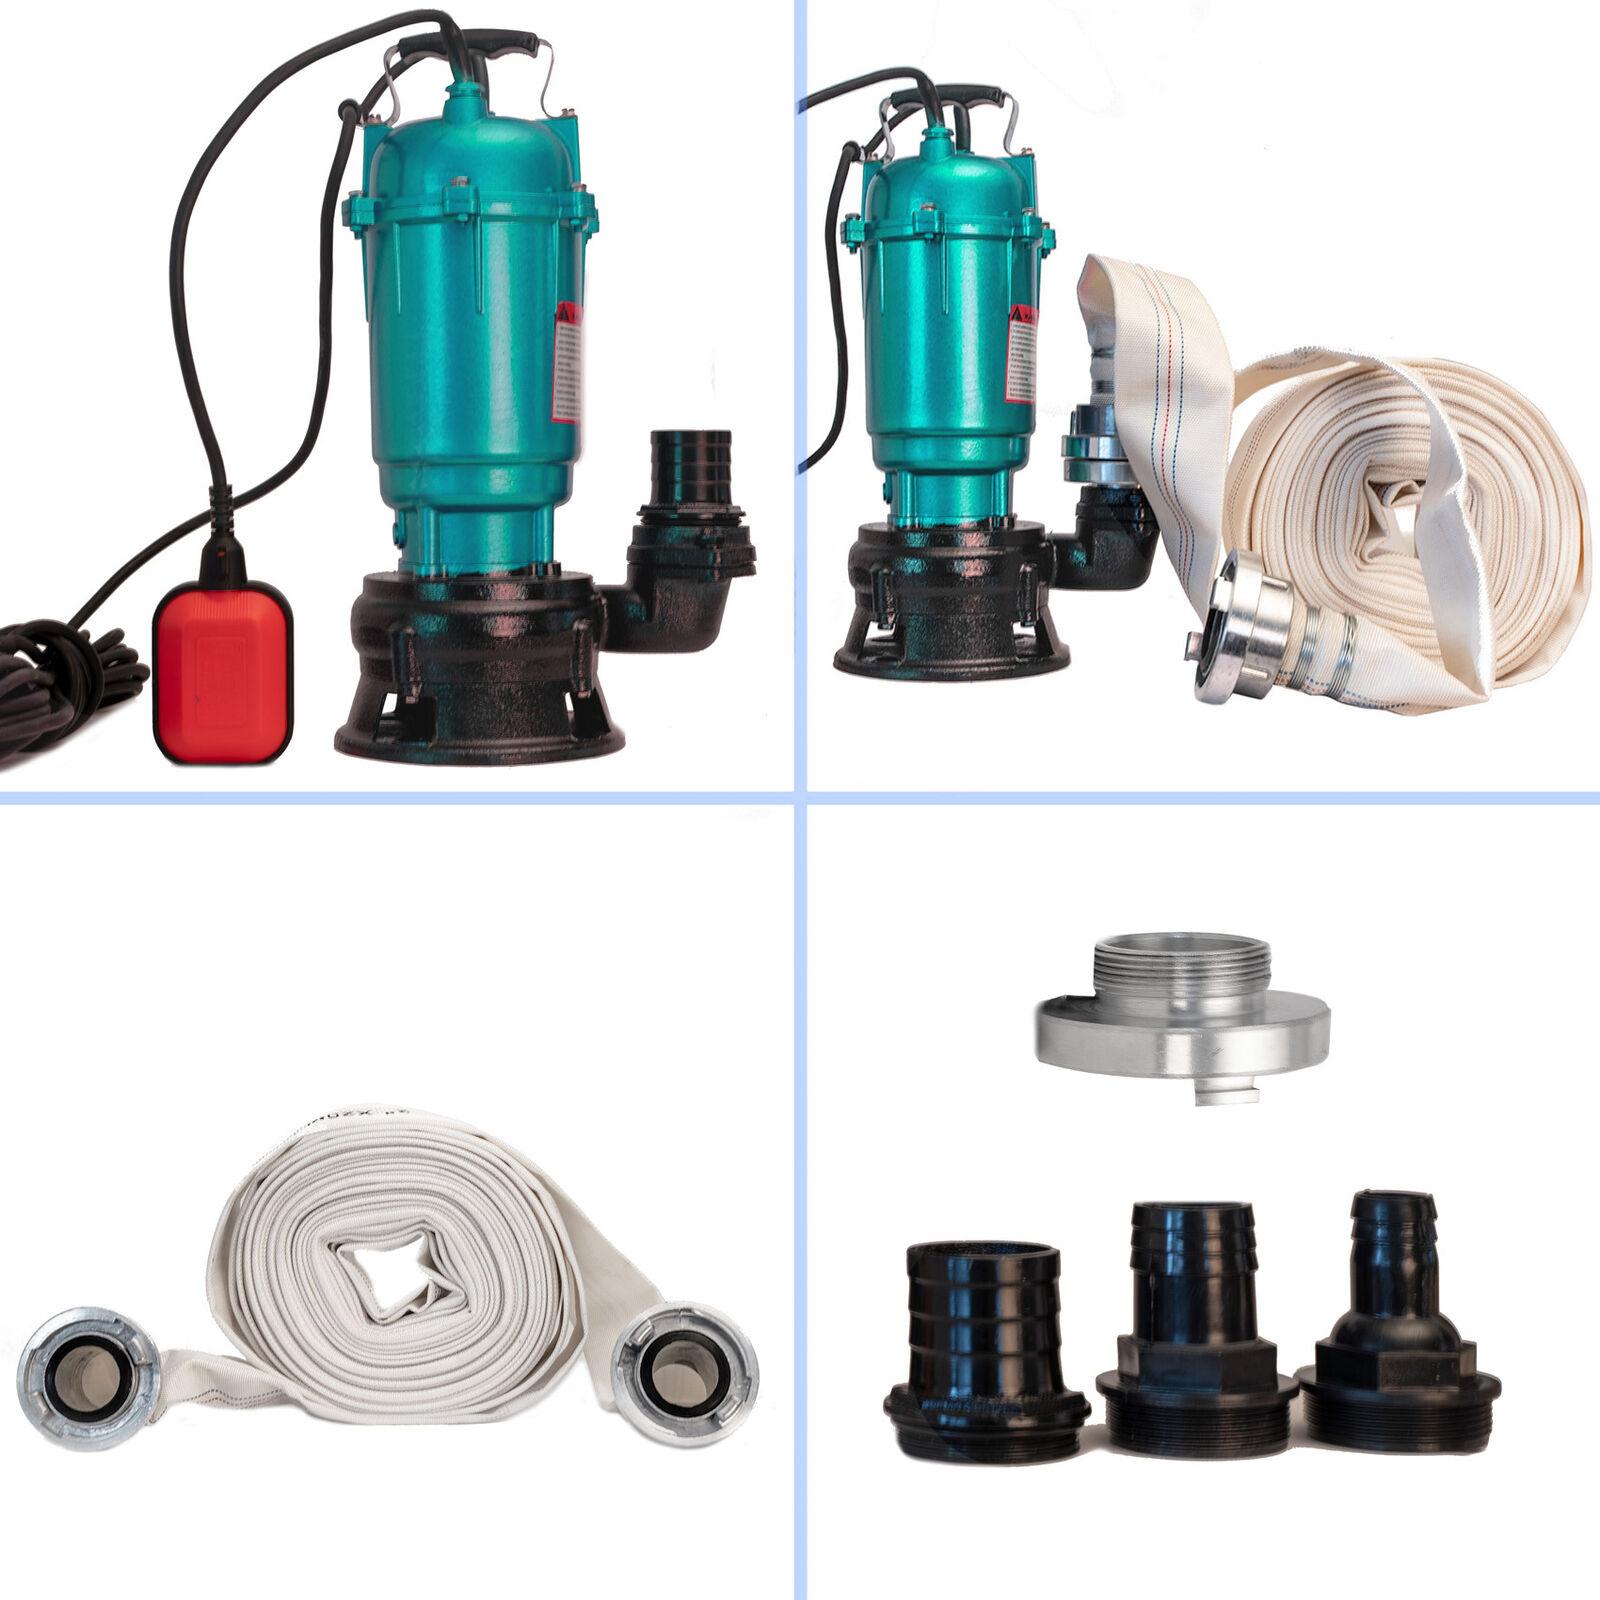 Pumpe Fäkalienpumpe Tauchpumpe Schmutzwasserpumpe 20m - 40m C-Schlauch 24000l H